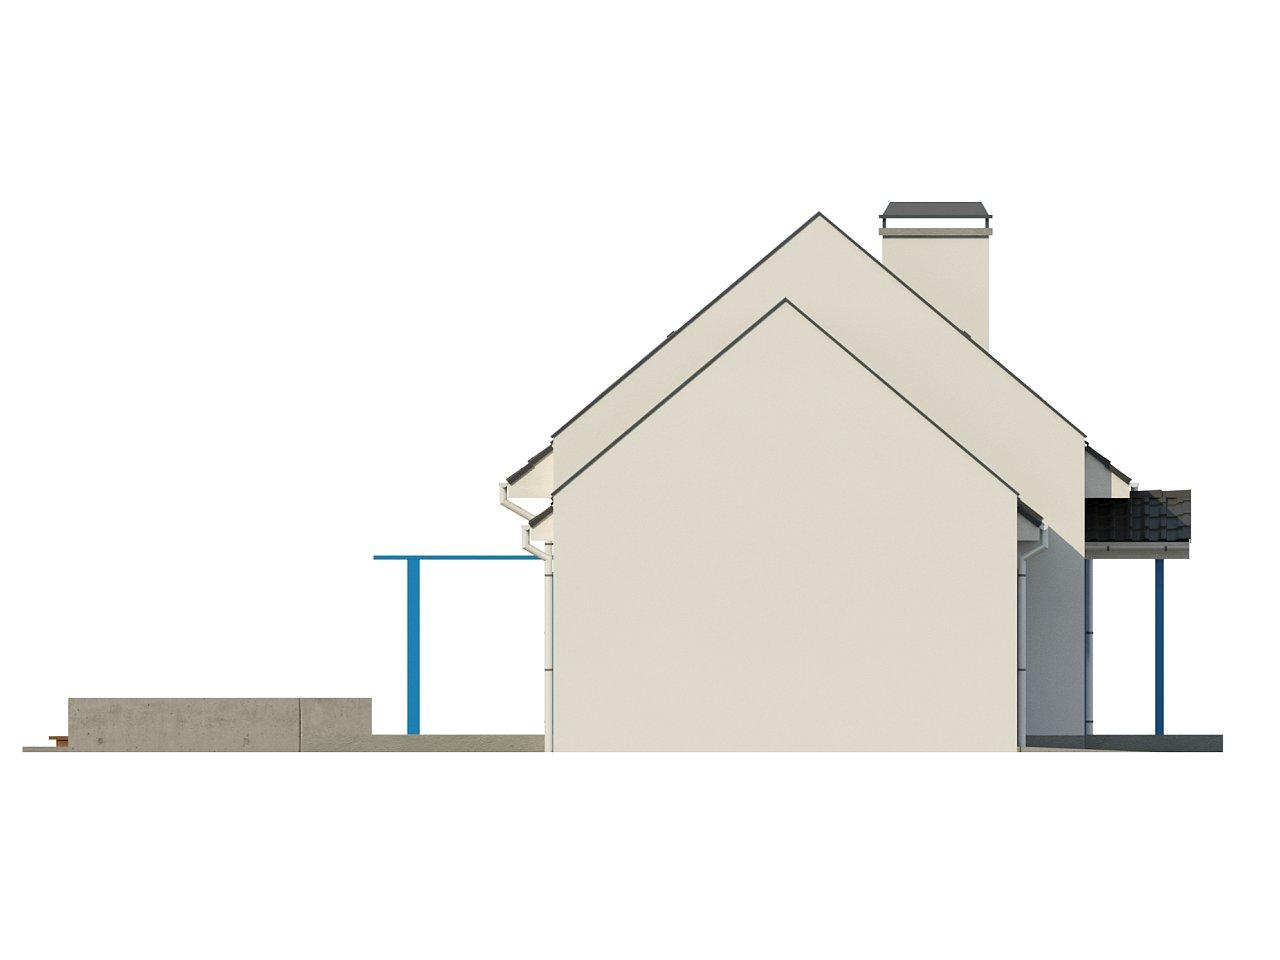 Компактный дом с гаражом для одной машины, с большими окнами в гостиной. 17